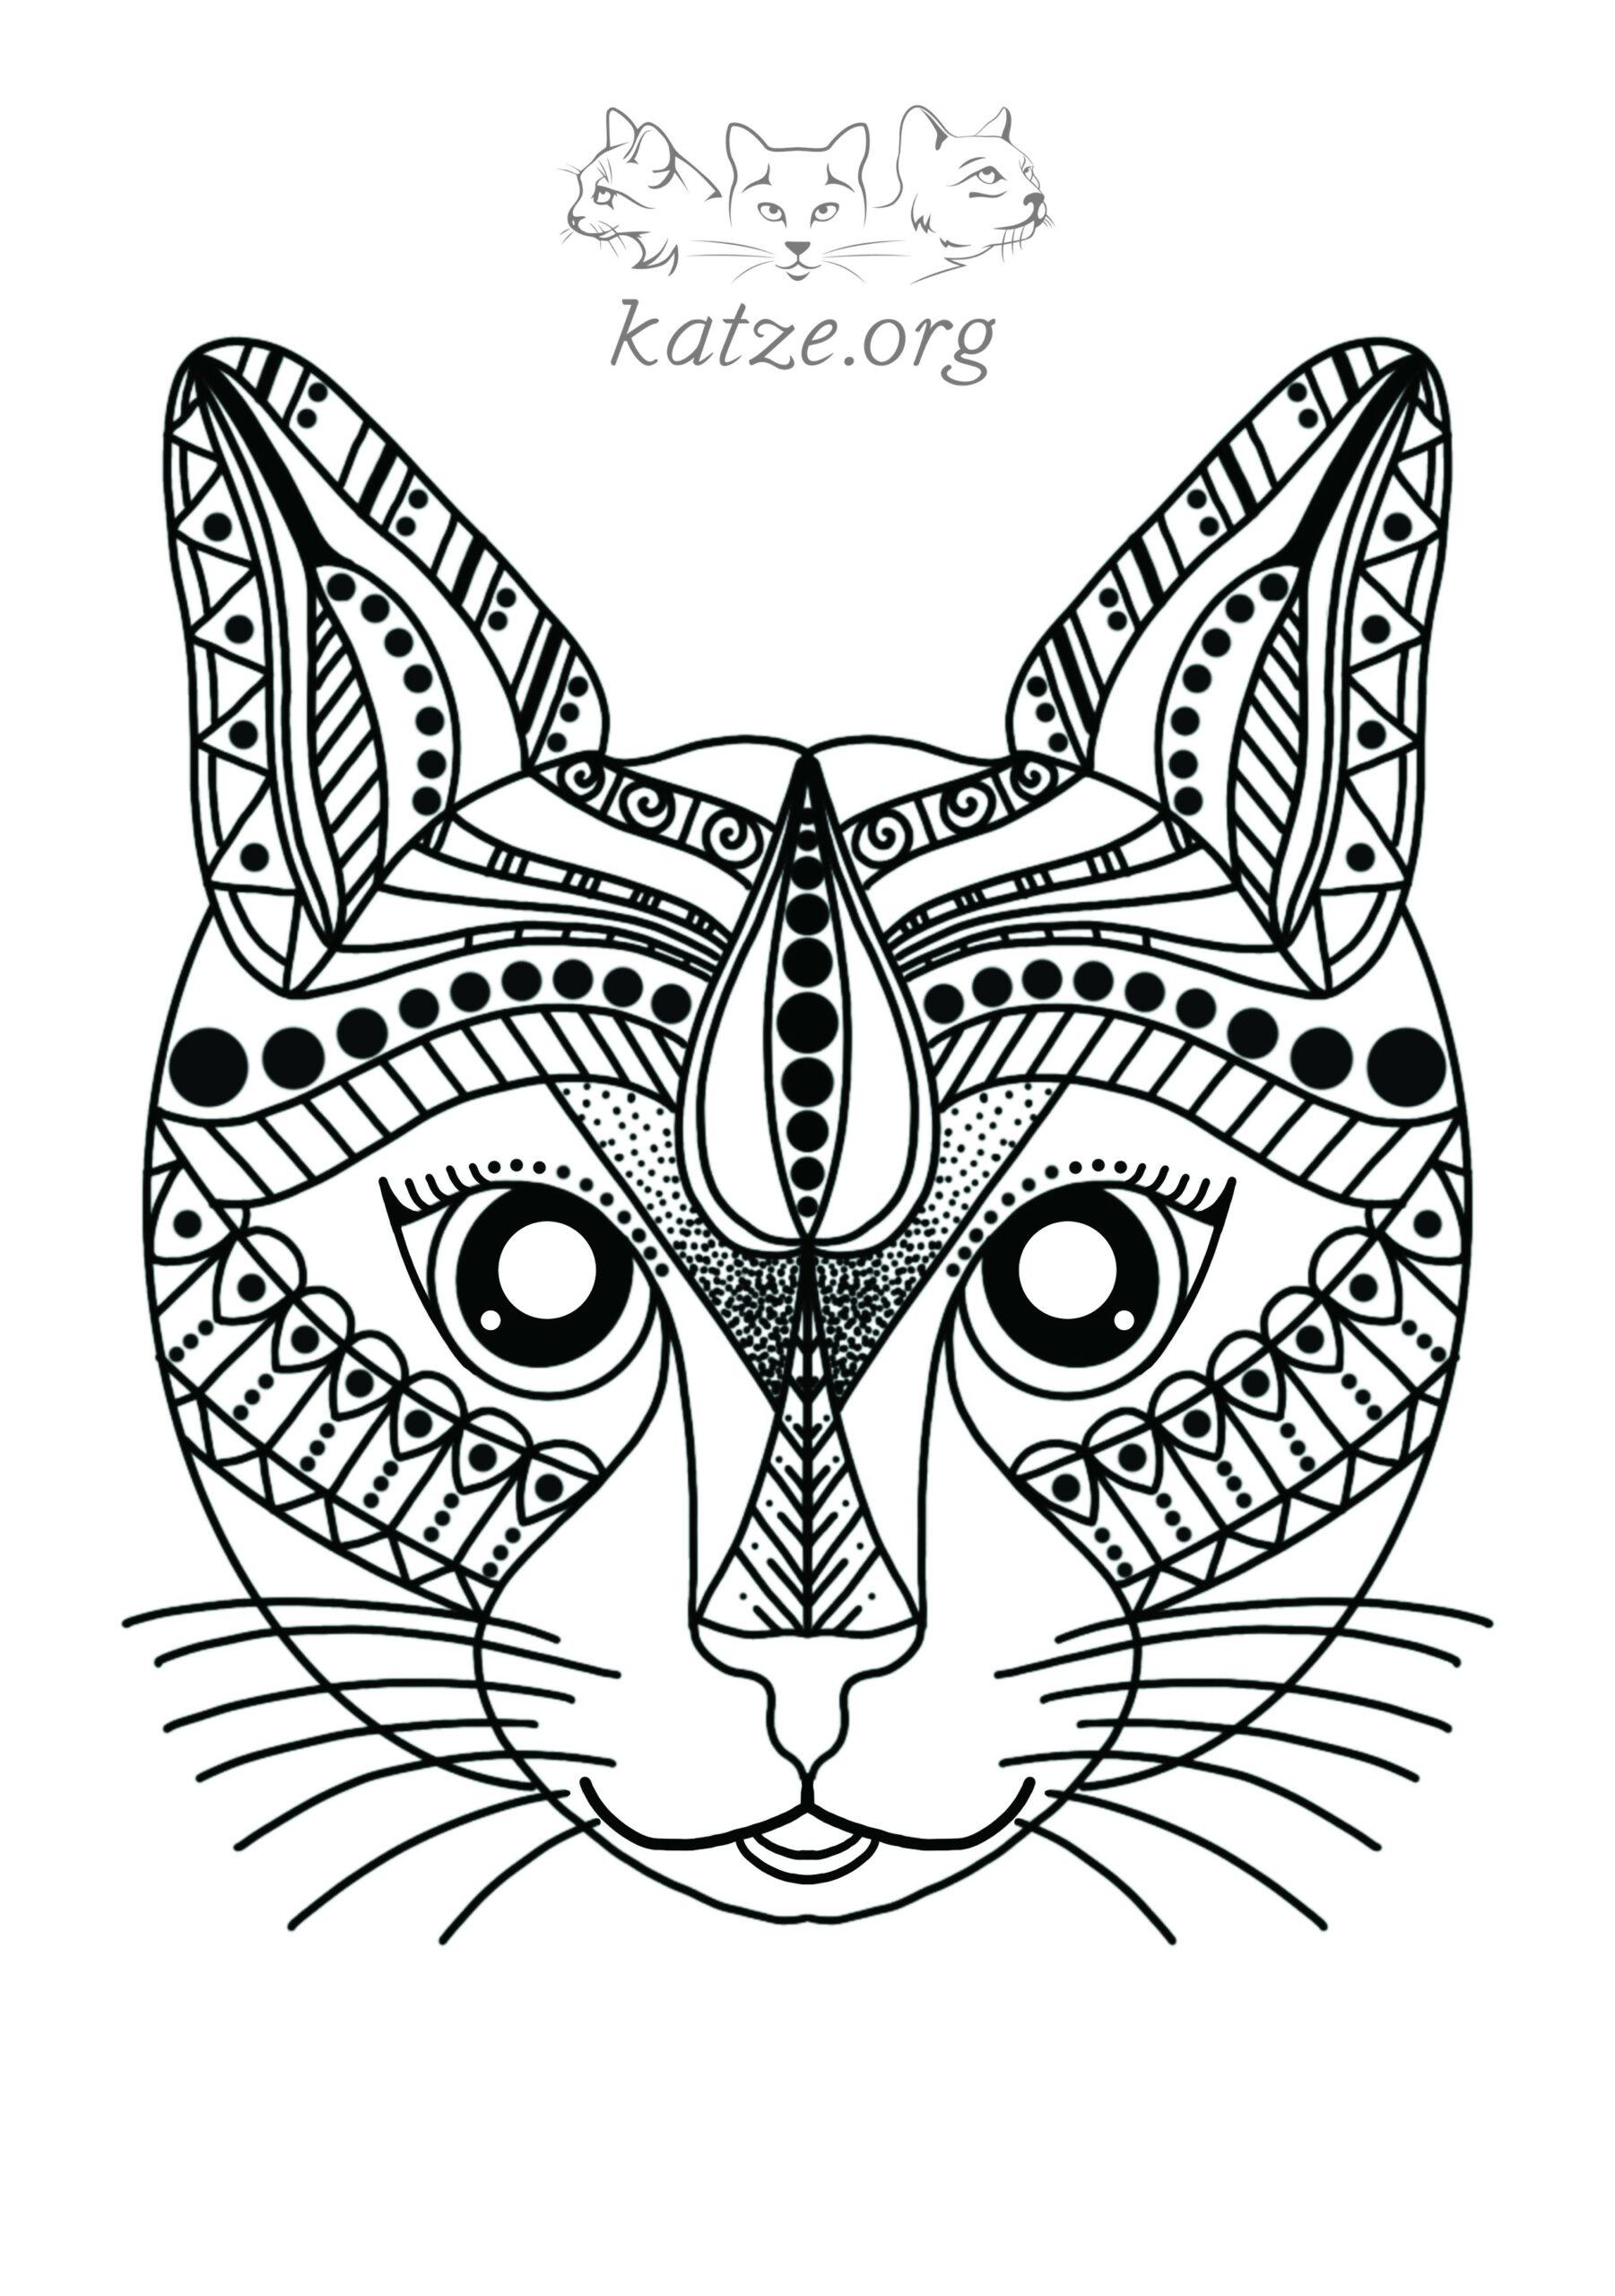 Katzen Mandalas Download - kostenlose Katzenbilder zum Ausmalen